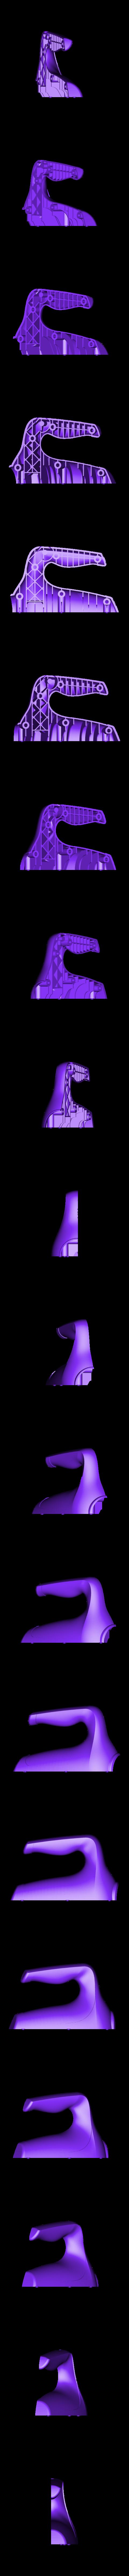 Blender_Left.STL Download free STL file Hand Mixer • 3D printable design, alterboy987